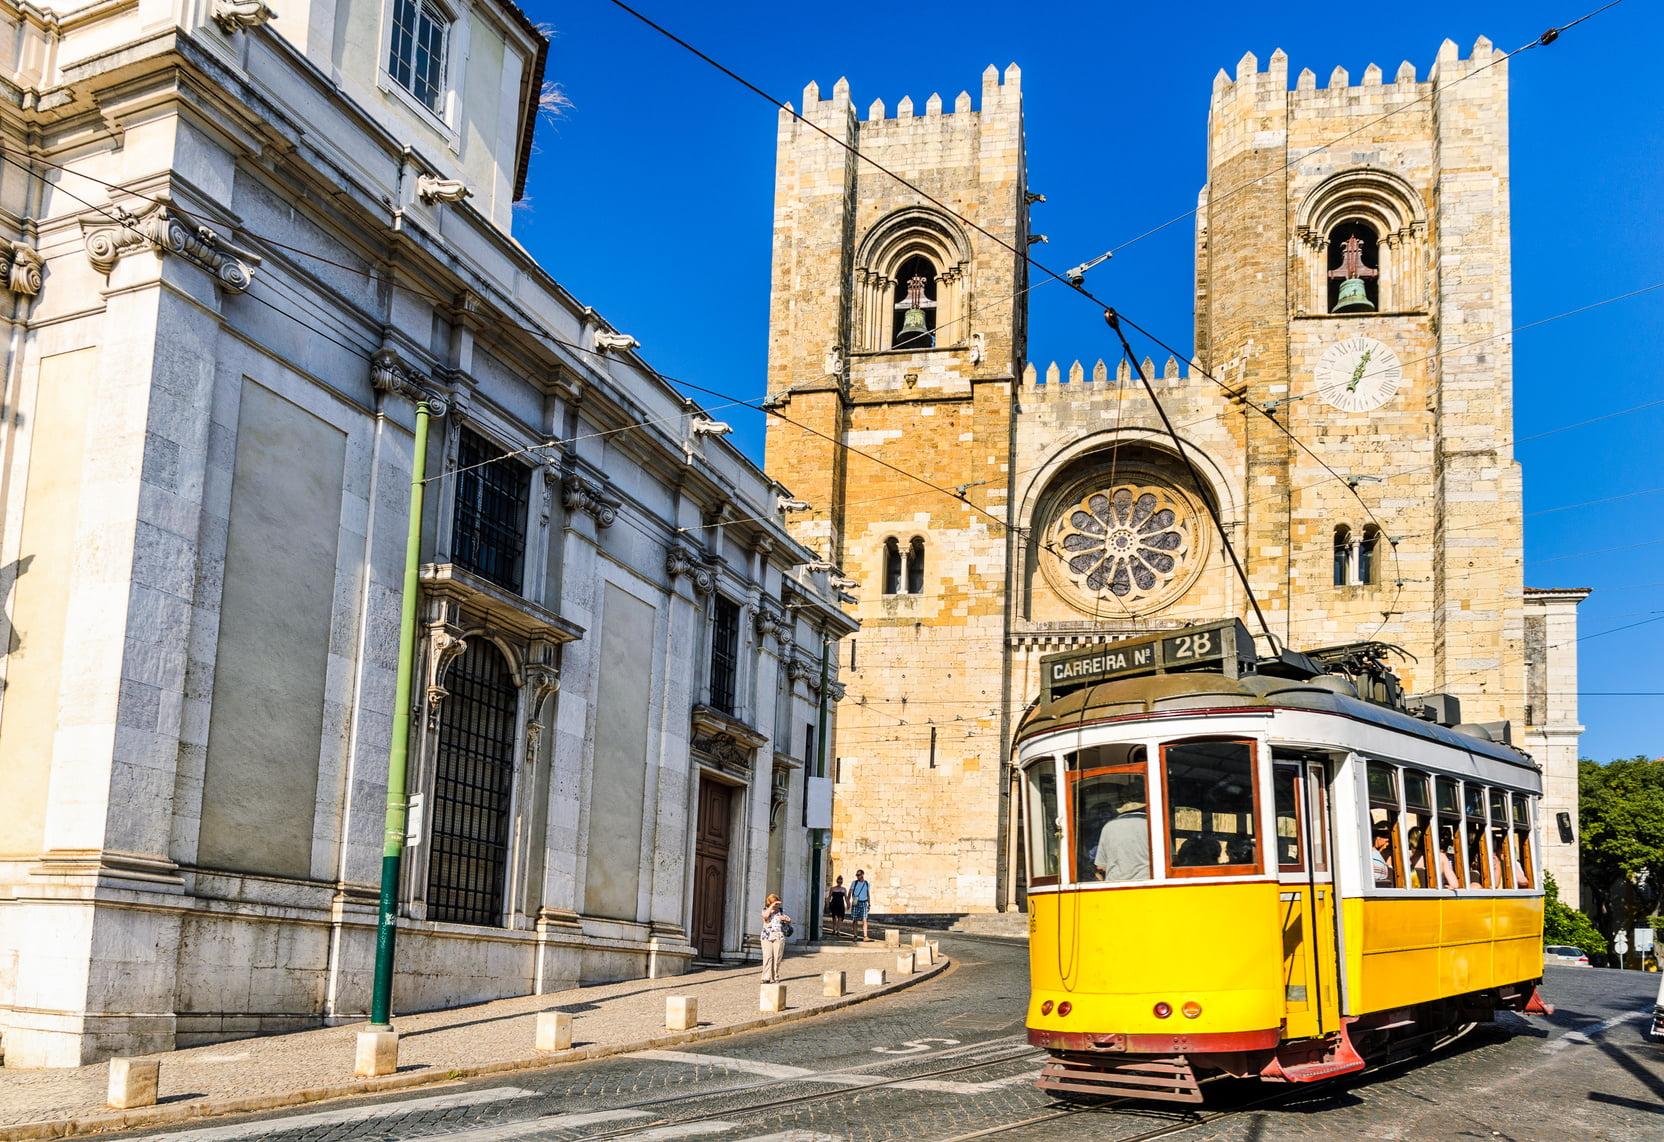 Takie tramwaje są tylko w jednej europejskiej stolicy - Lizbonie. Fot. Fotolia.com